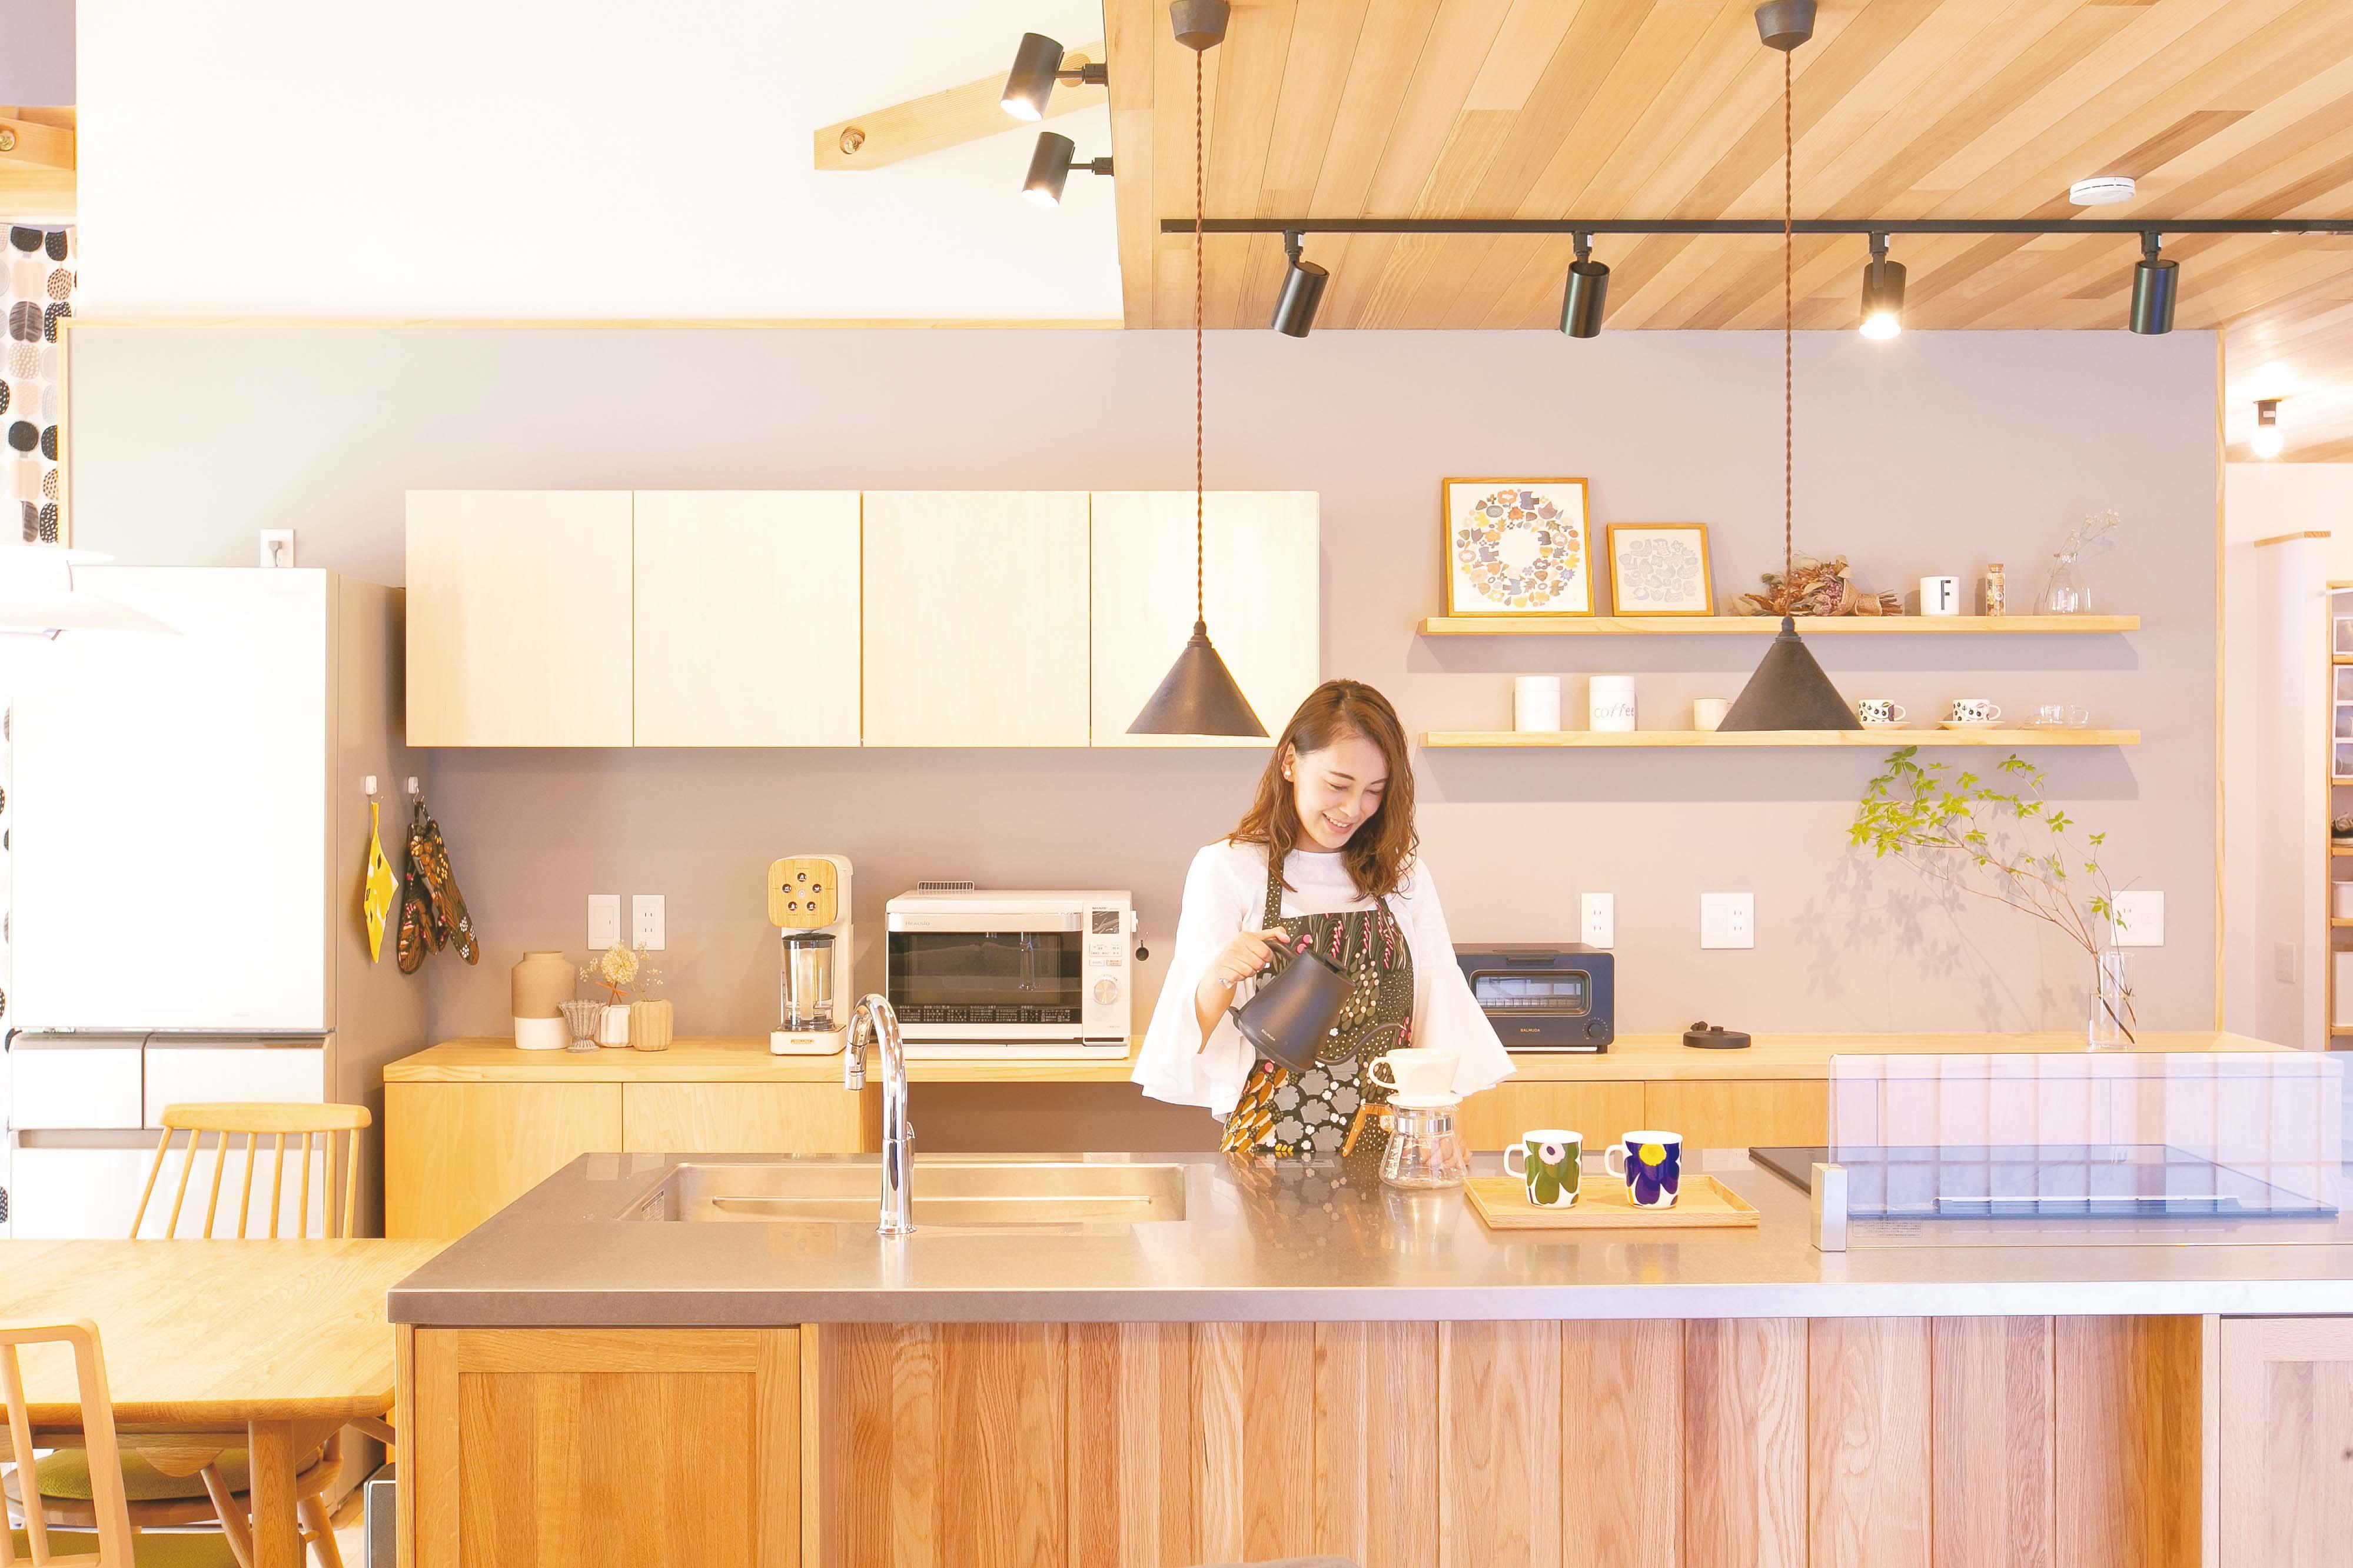 共感住宅 ray-out (レイアウト)【デザイン住宅、子育て、趣味】奥さまがこだわり抜いたキッチン。忙しい子育ての合間には、お気に入りのマリメッコのカップでコーヒータイムを楽しんでいる